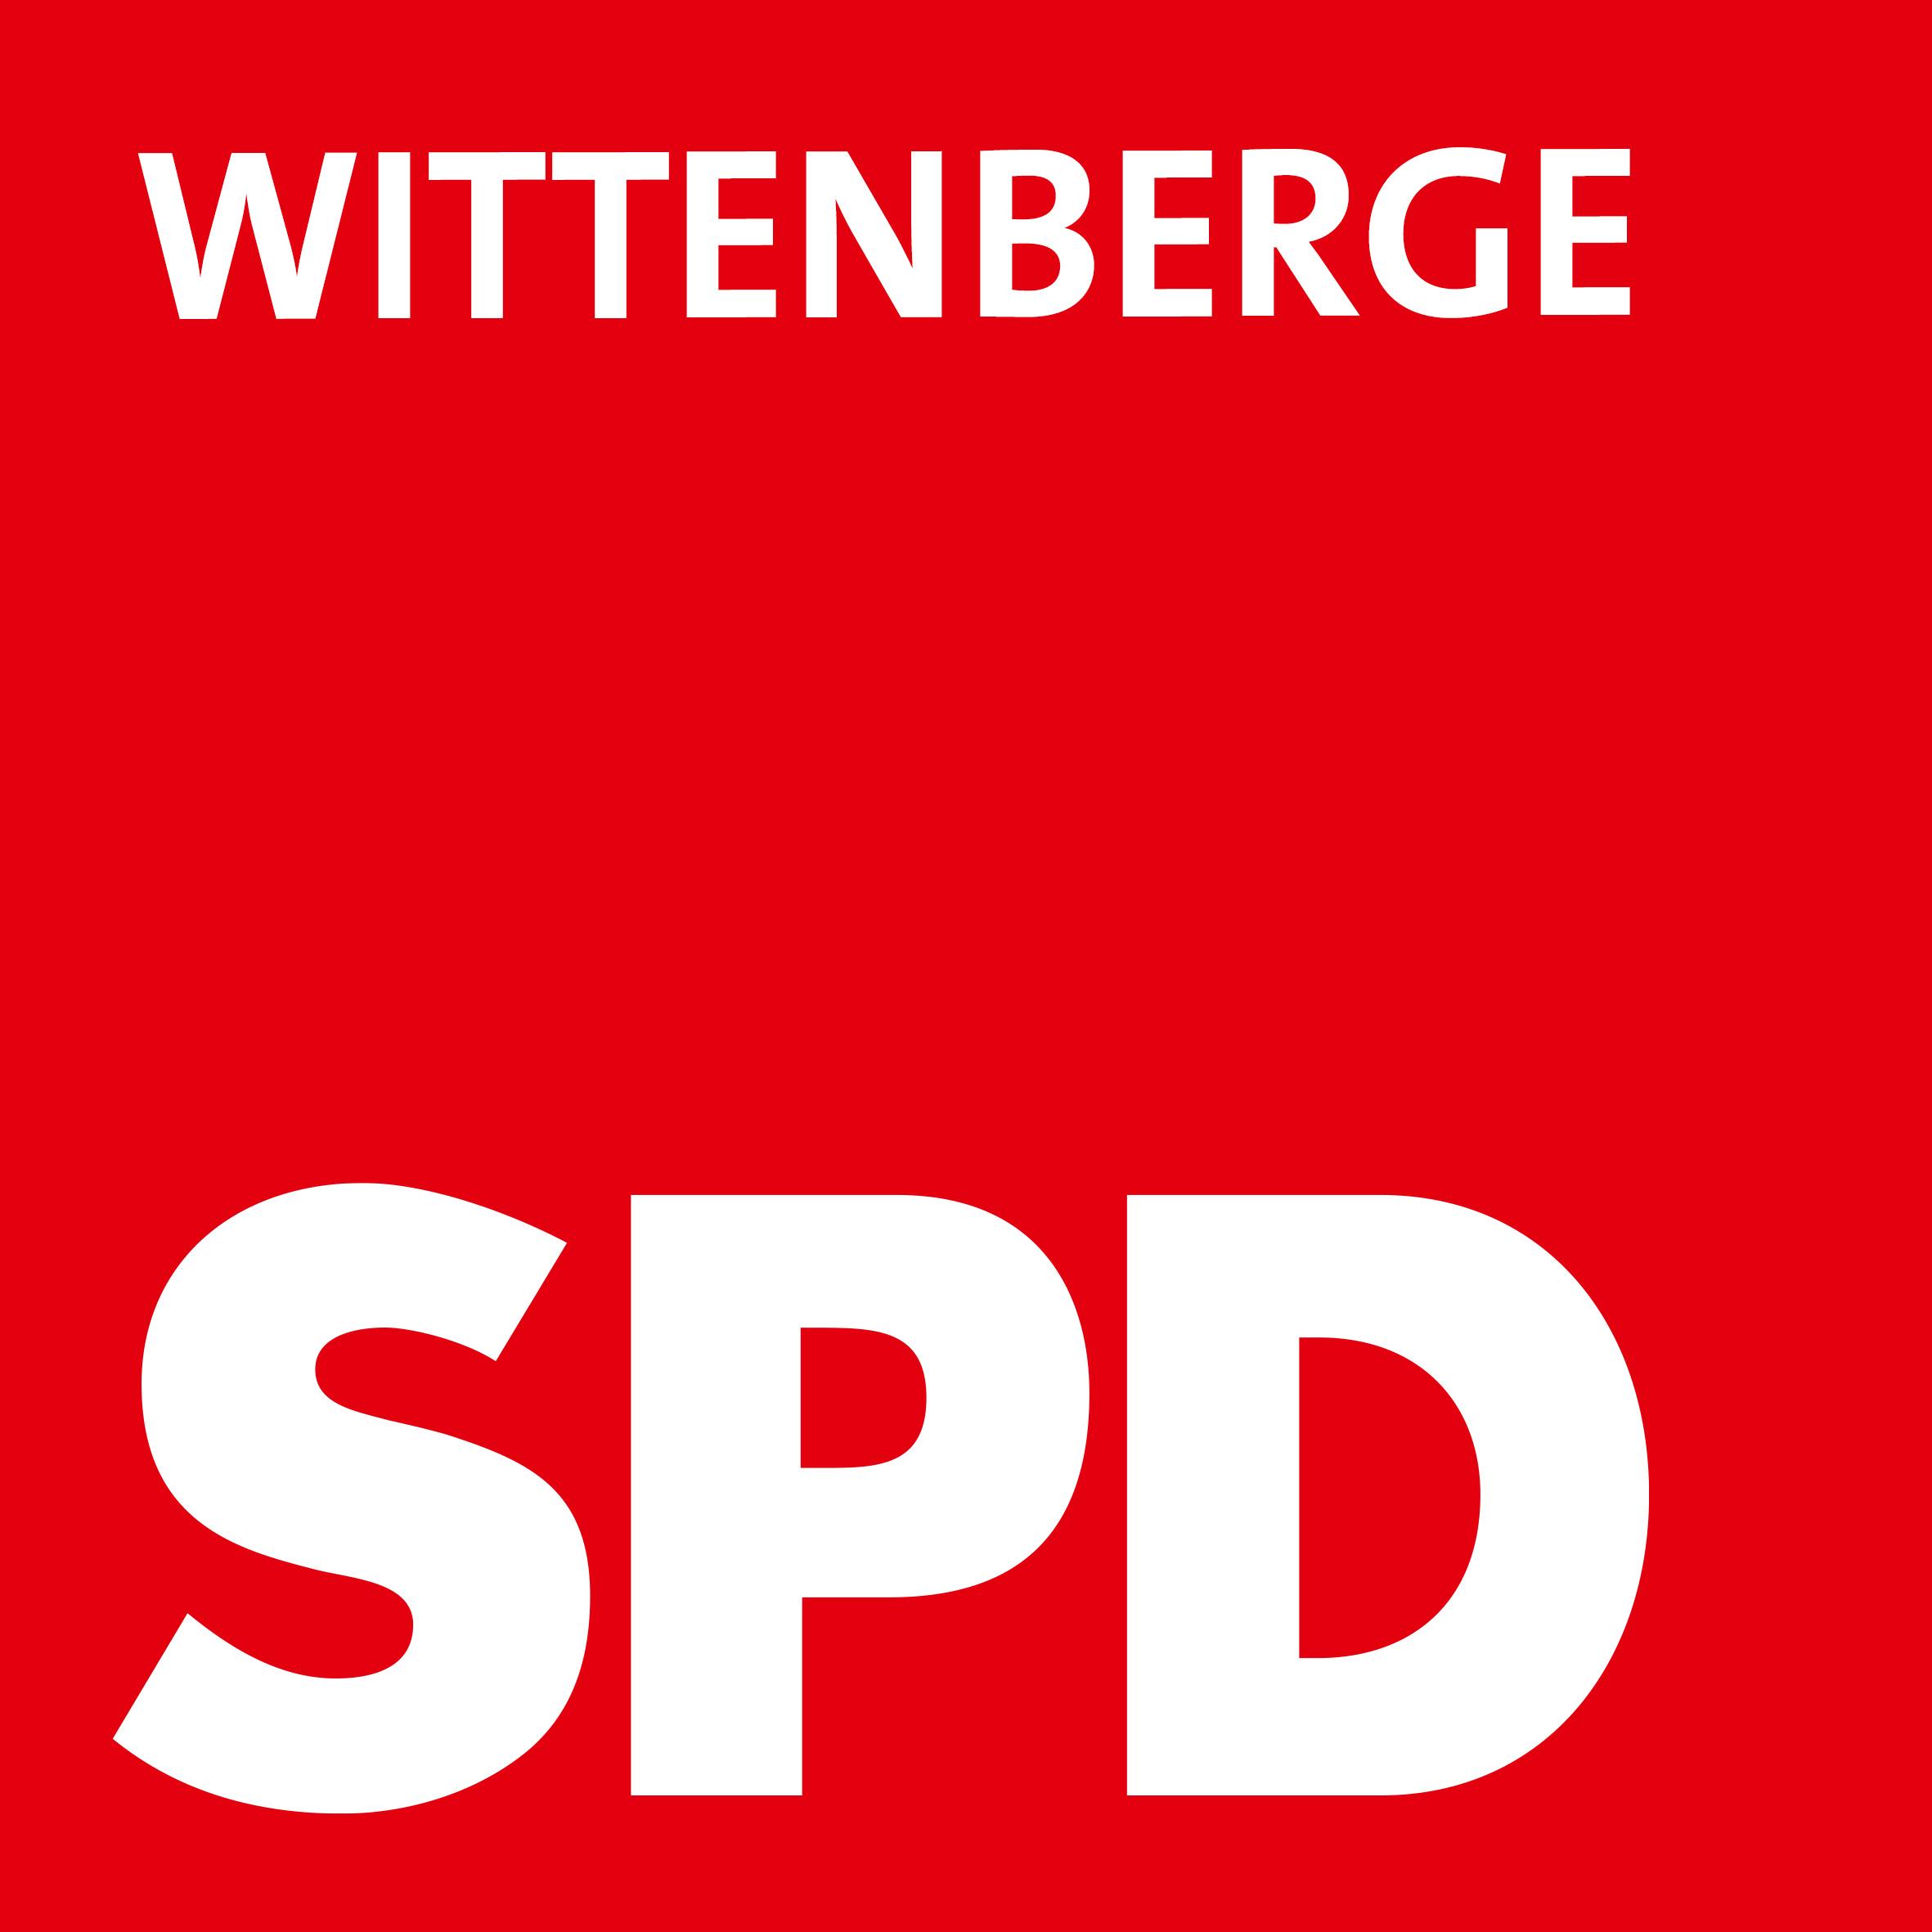 SPD Wittenberge